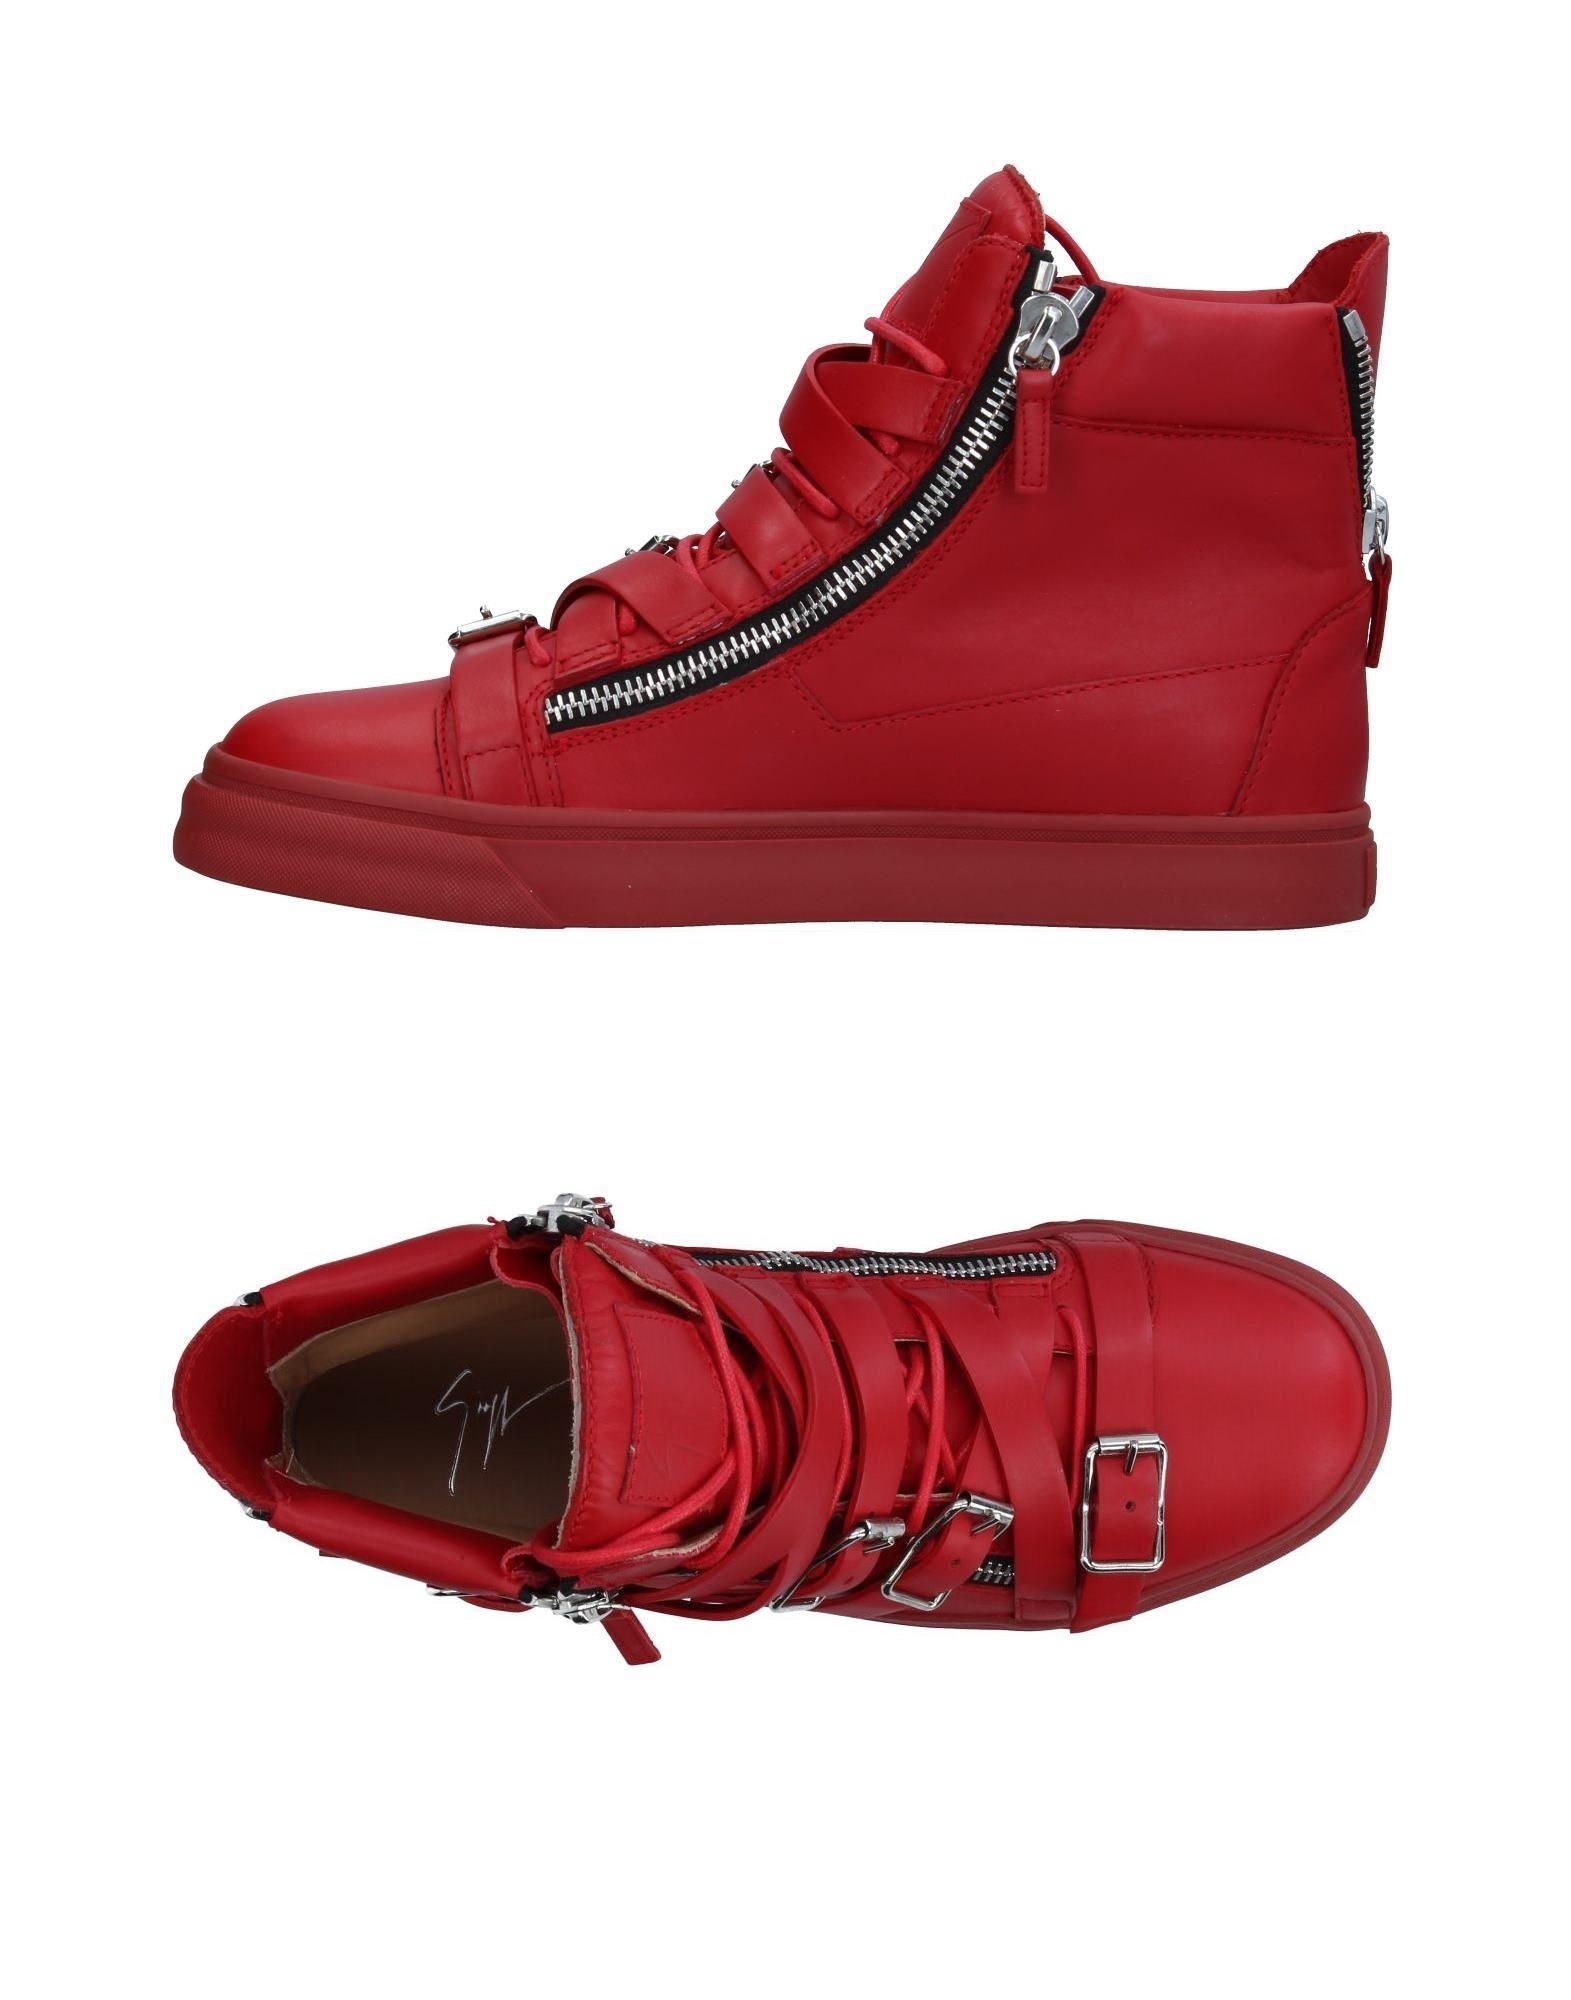 Giuseppe Zanotti Sneakers Herren Herren Herren  11377677OA 8aac2c